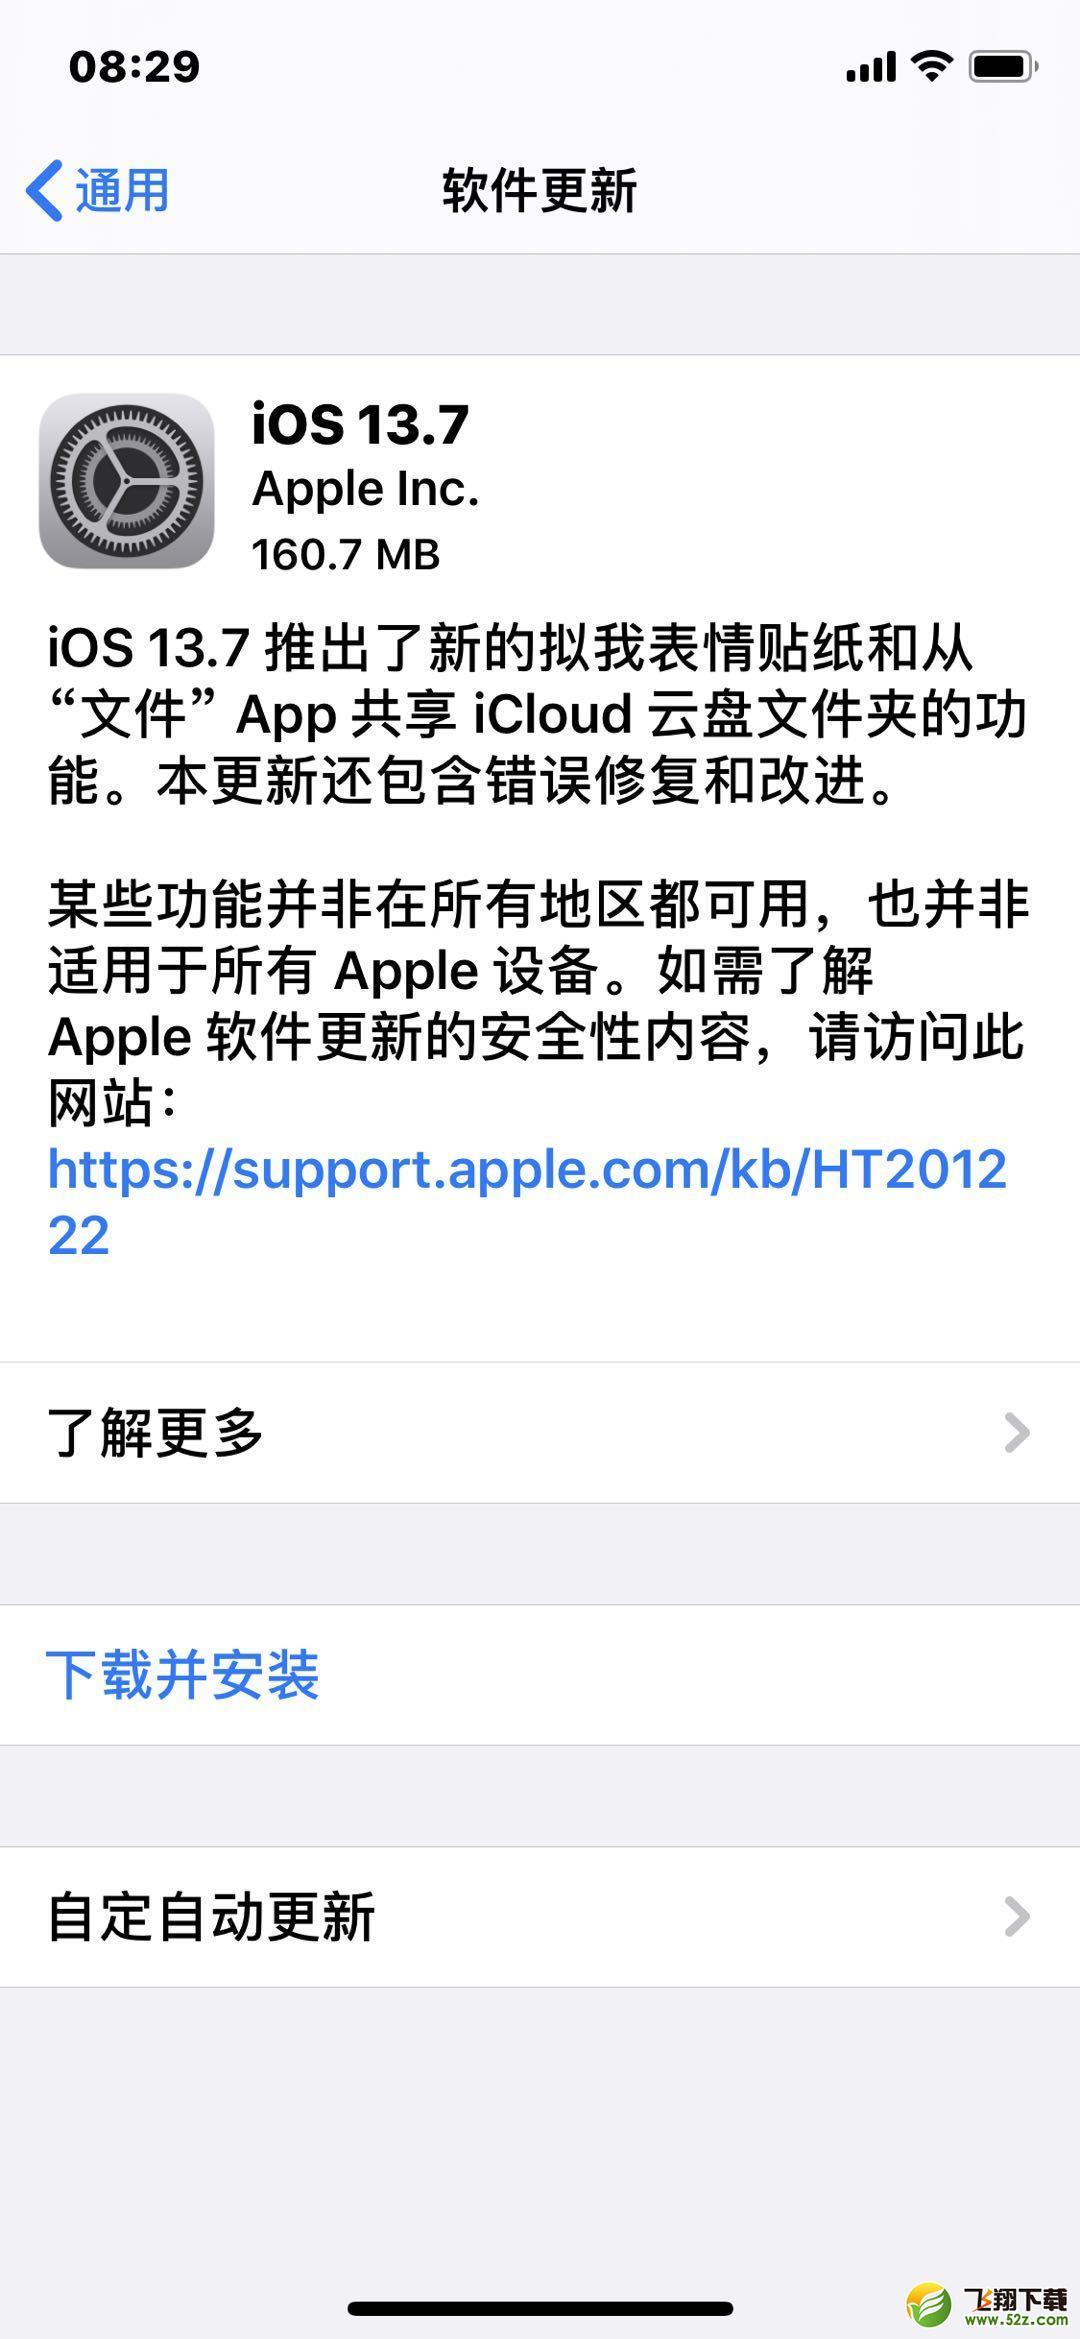 苹果iOS 13.7正式版更新内容一览